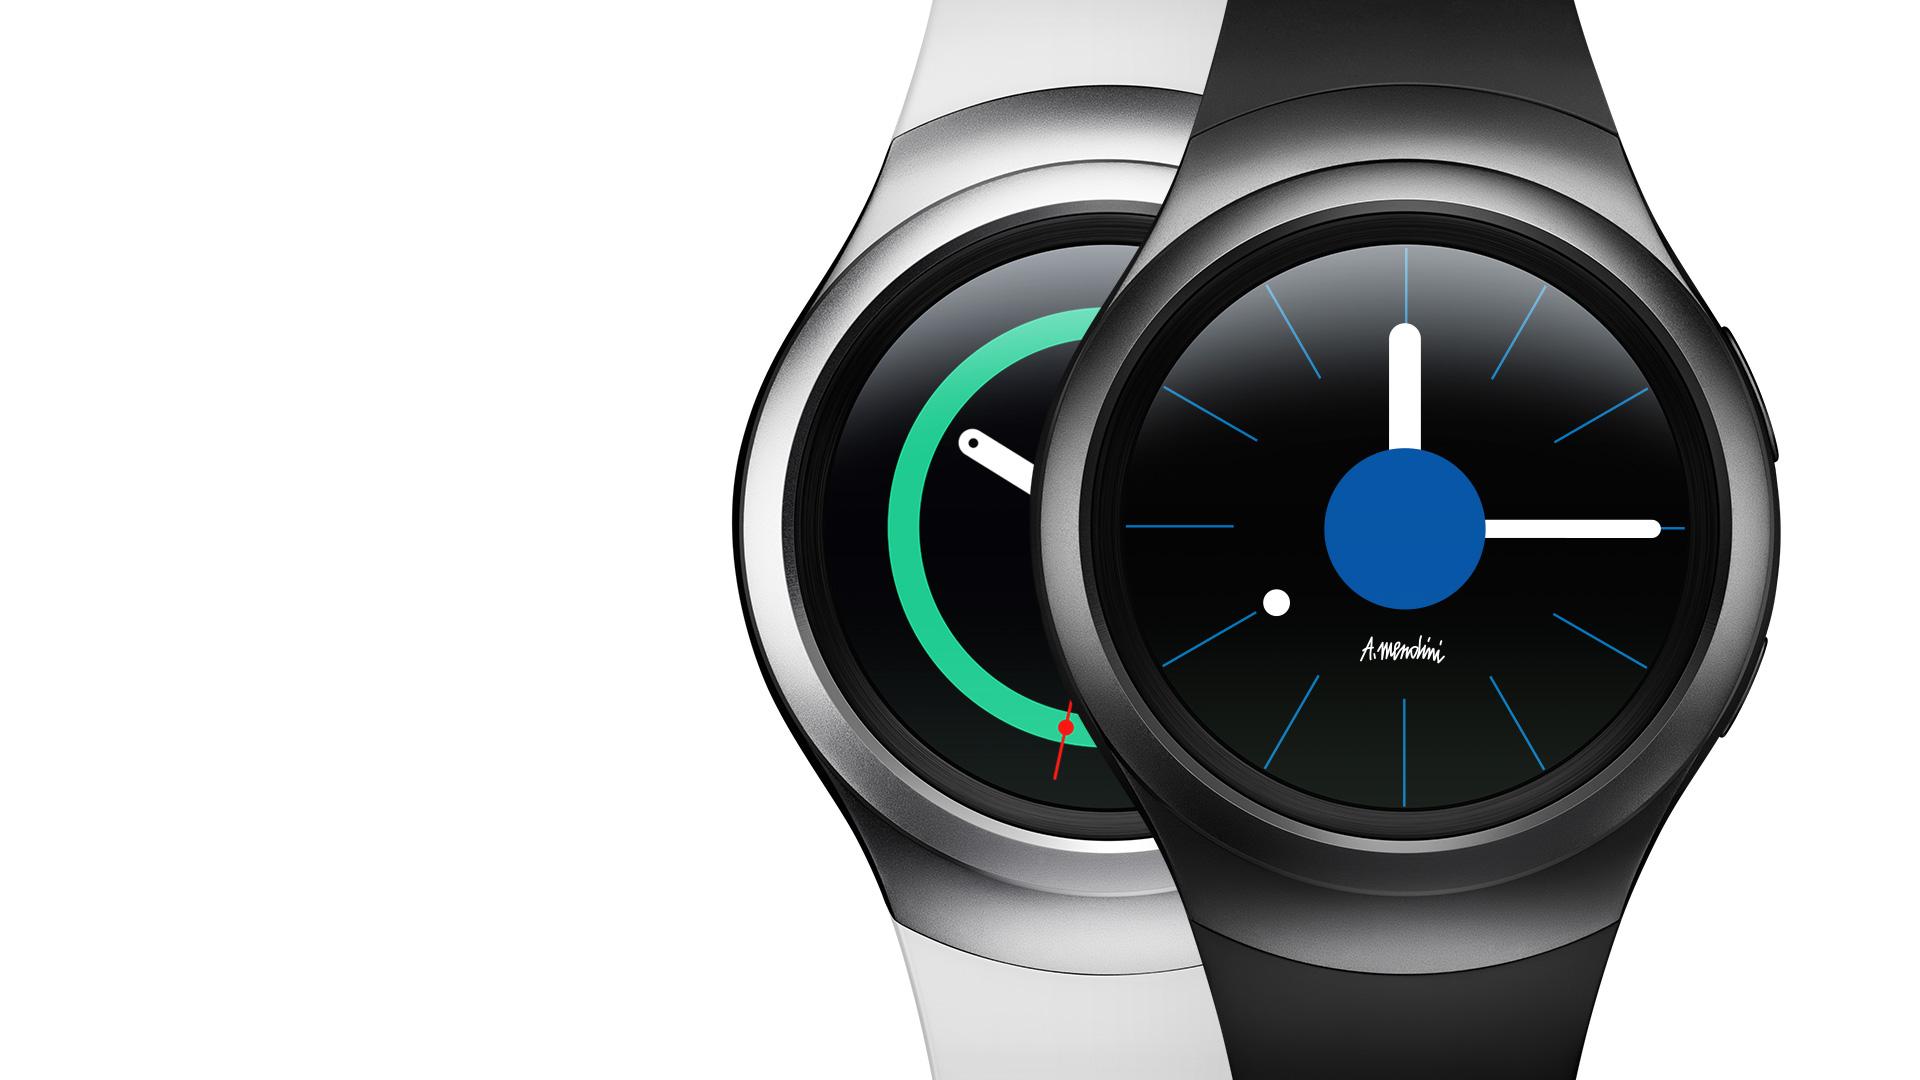 Kulaté Chytré Hodinky Samsung Gear S2 Budou Mít Tři Verze